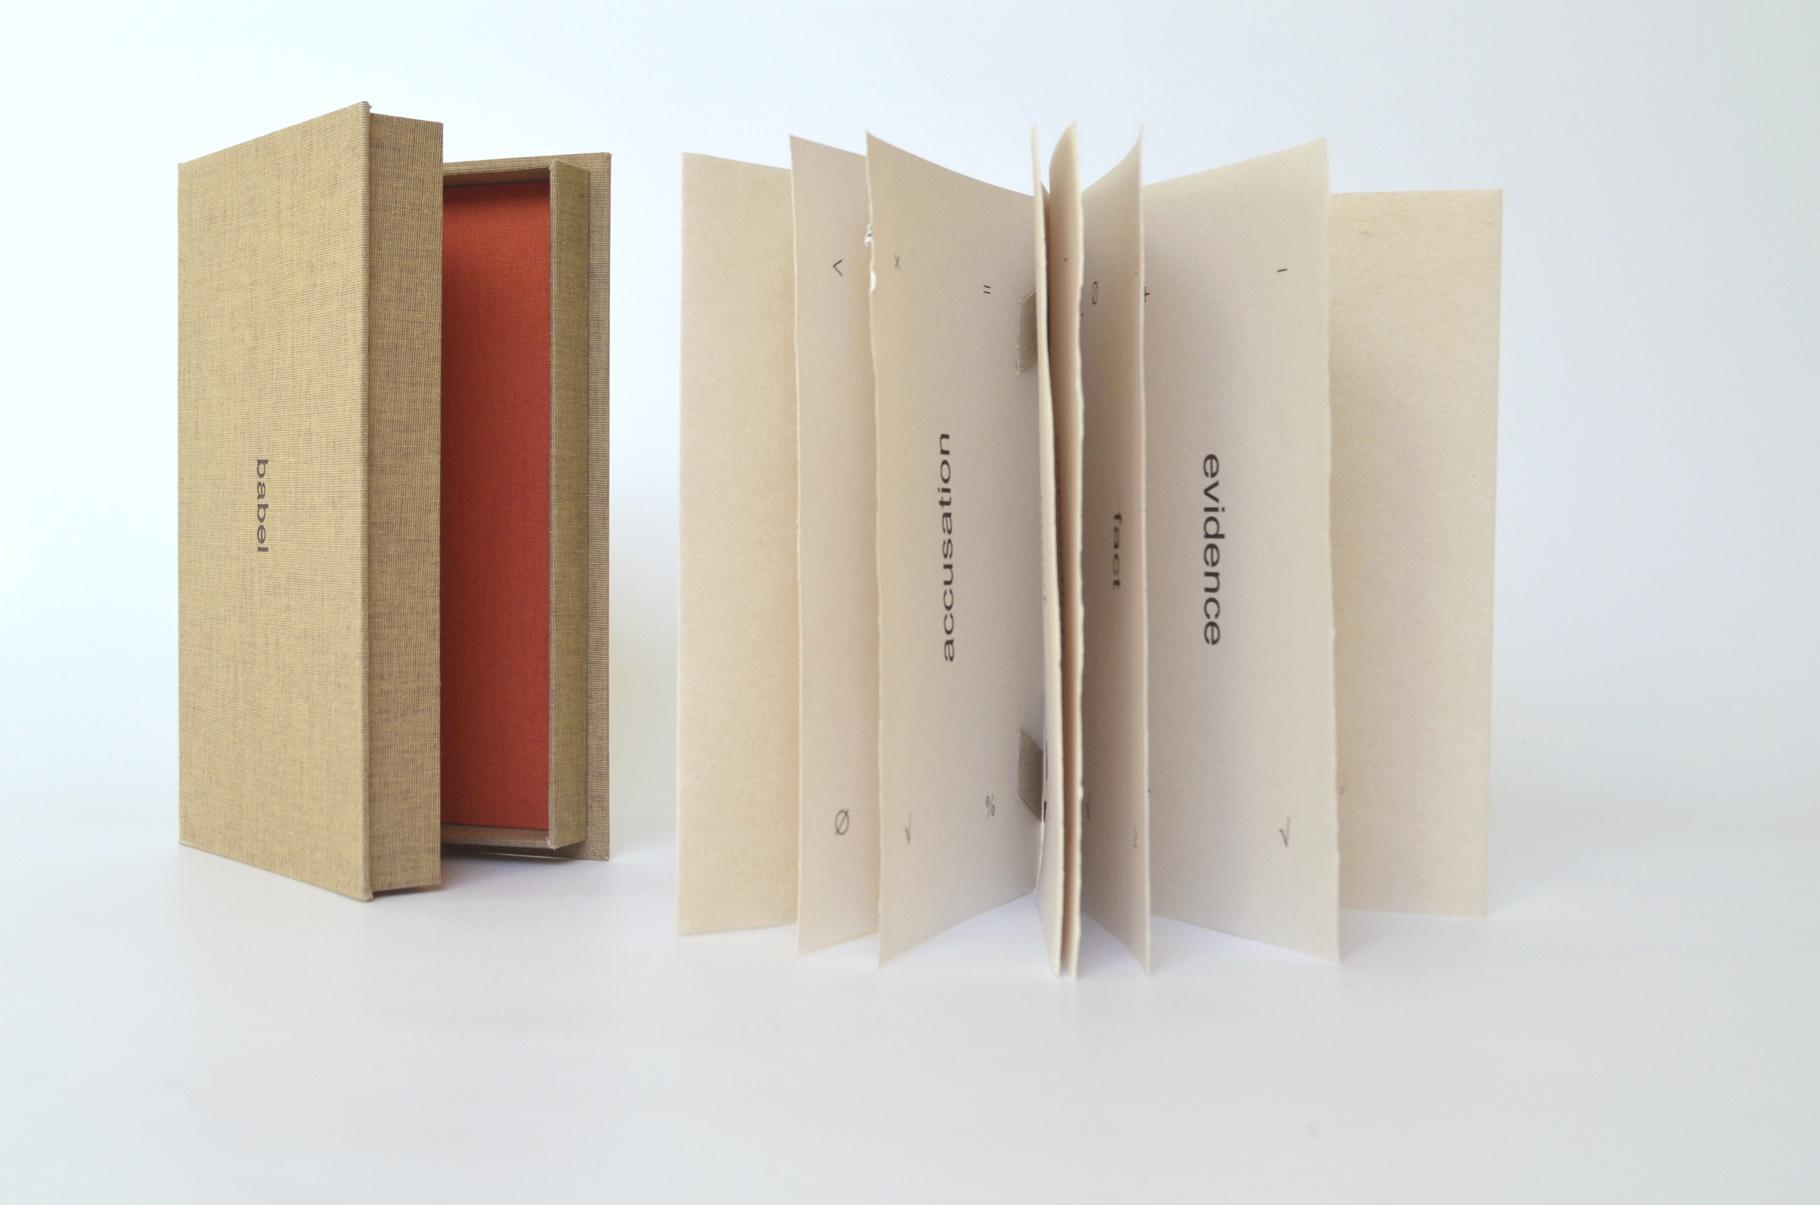 """""""babel"""" (2012) - Ein Künstlerbuch von John Gerard über Sprachverwirrung und die universelle Sprache der Mathematik"""